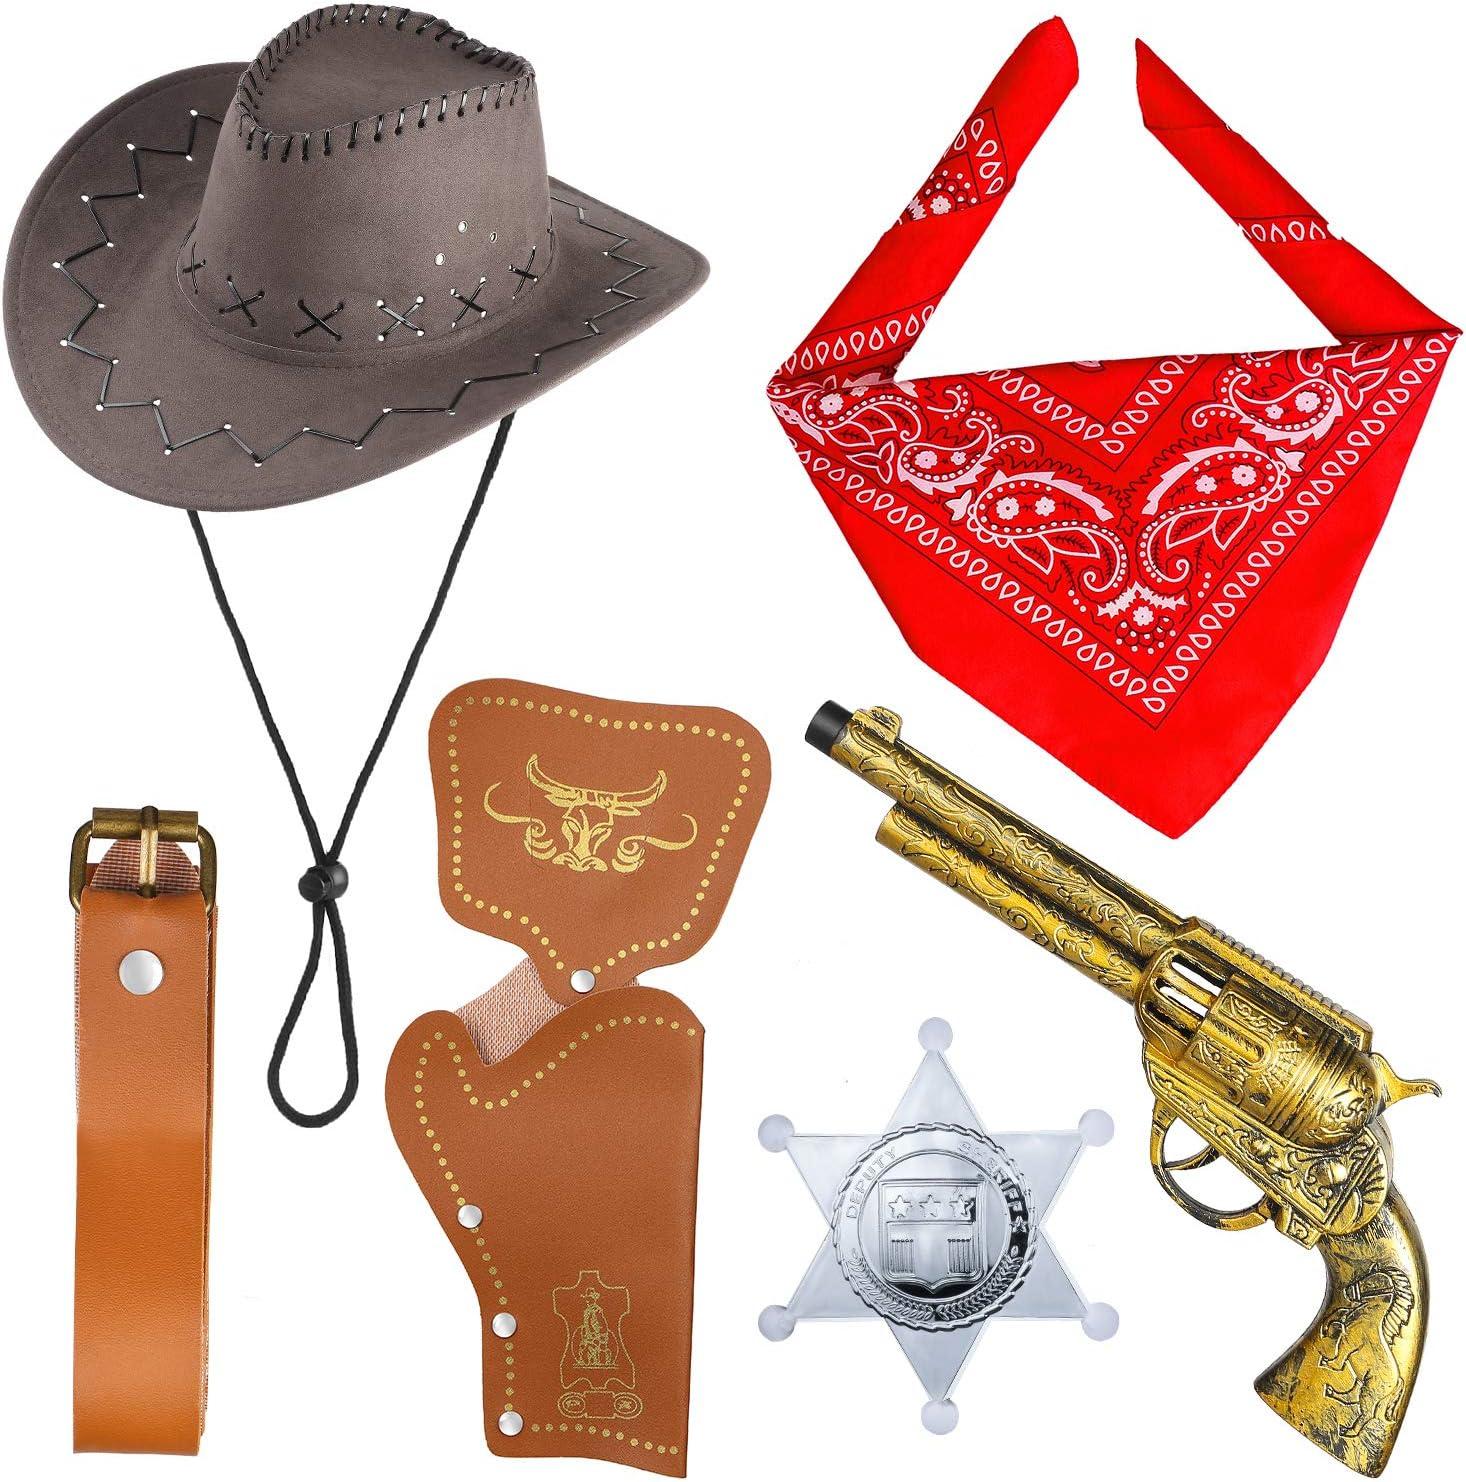 Beelittle Accesorios de Disfraces de Vaquero Sombrero de Vaquero Pistolas de Juguete con Funda de cinturón Juego de Vaquero para la Fiesta de Halloween (B)